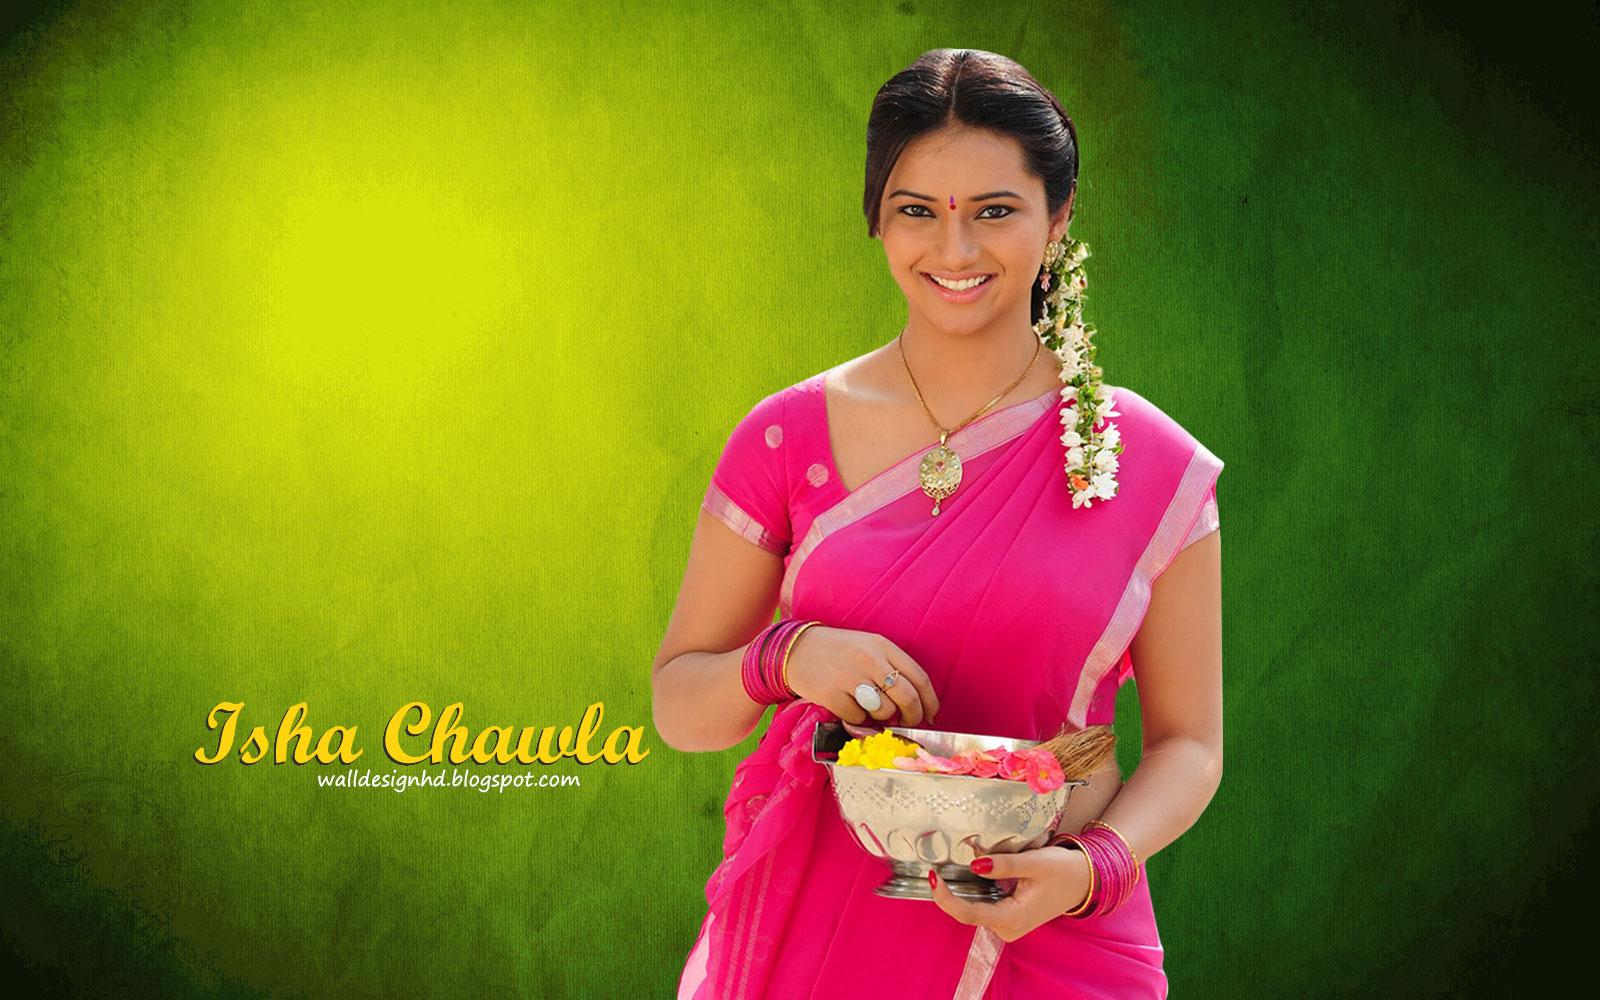 http://1.bp.blogspot.com/-XDtKcQmYTk4/UIFwVel4vhI/AAAAAAAAAj4/uGy_r63BCkc/s1600/actress_isha_chawla.jpg